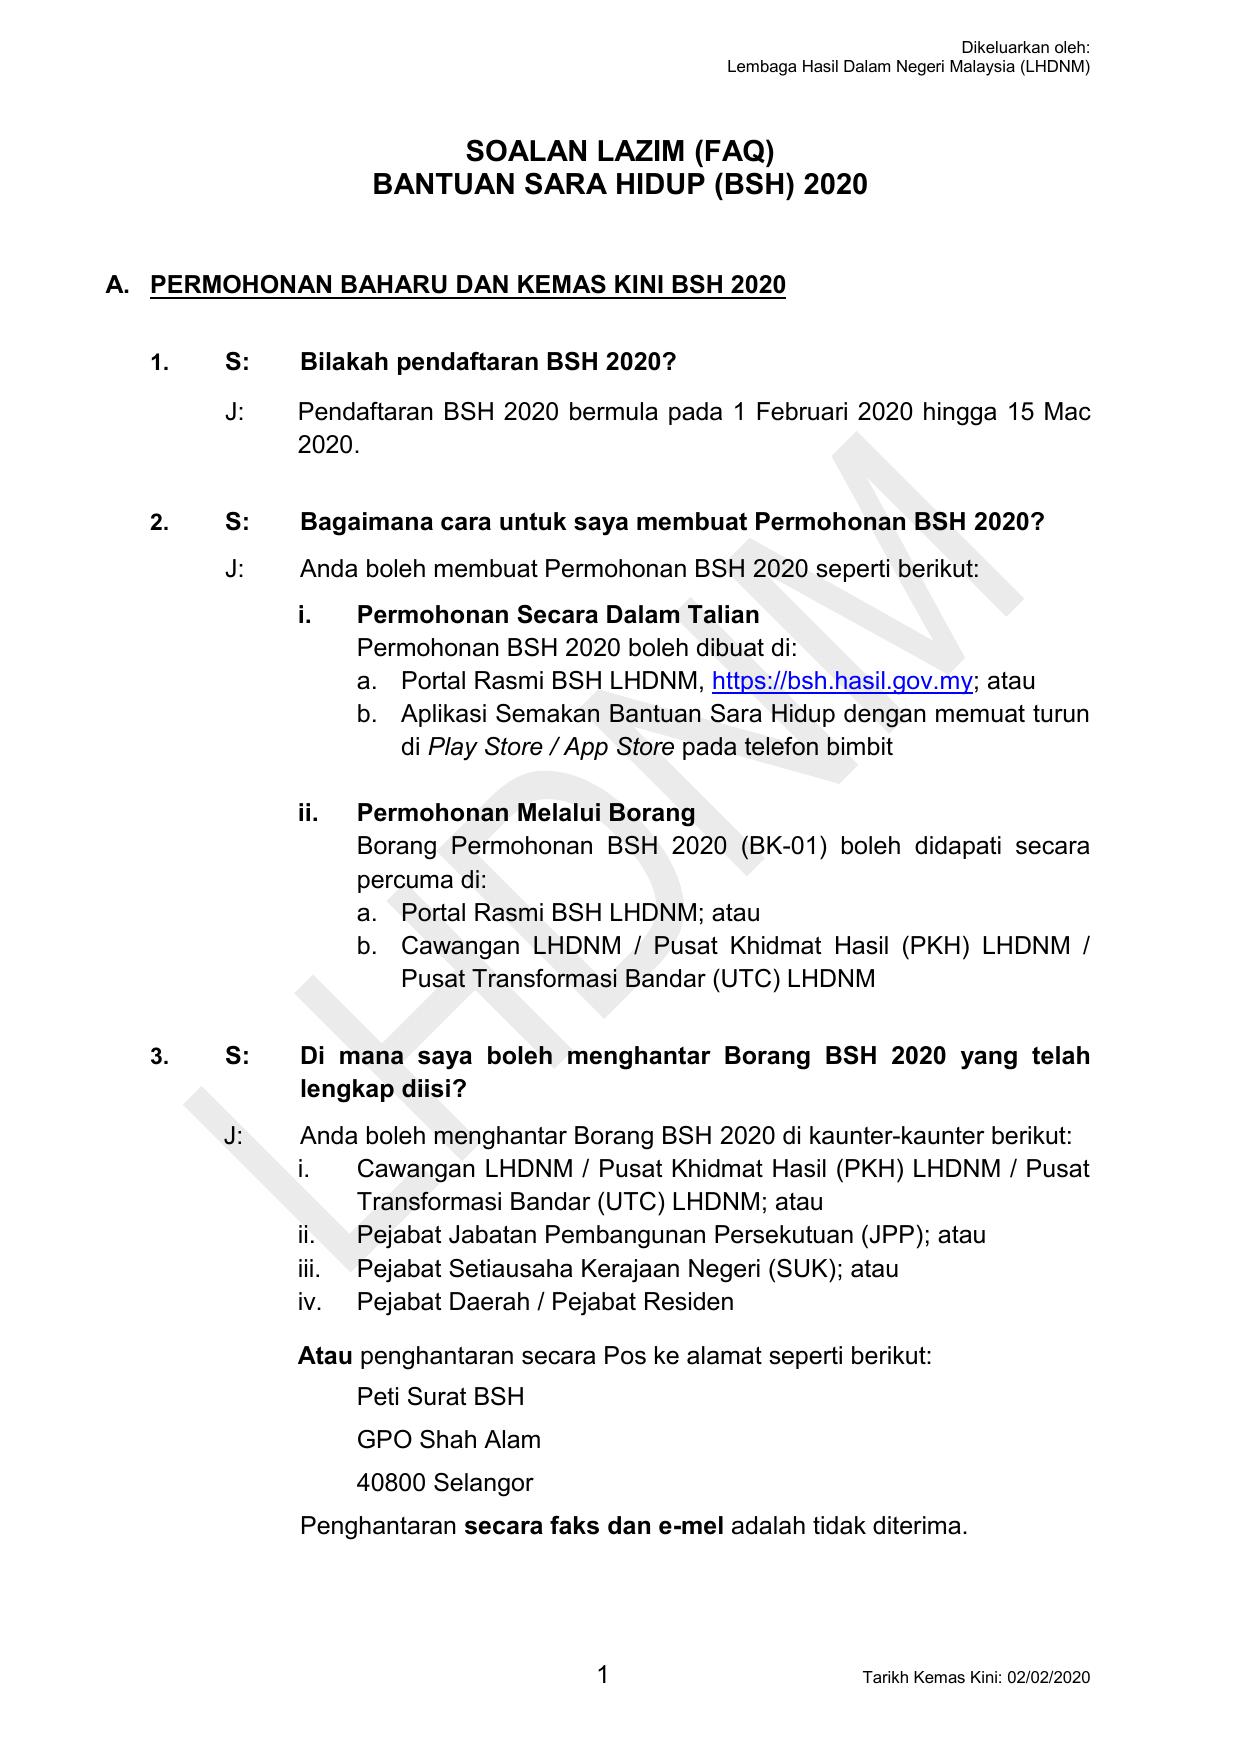 Bsh2020 Faq Permohonan Baru Dankemaskini